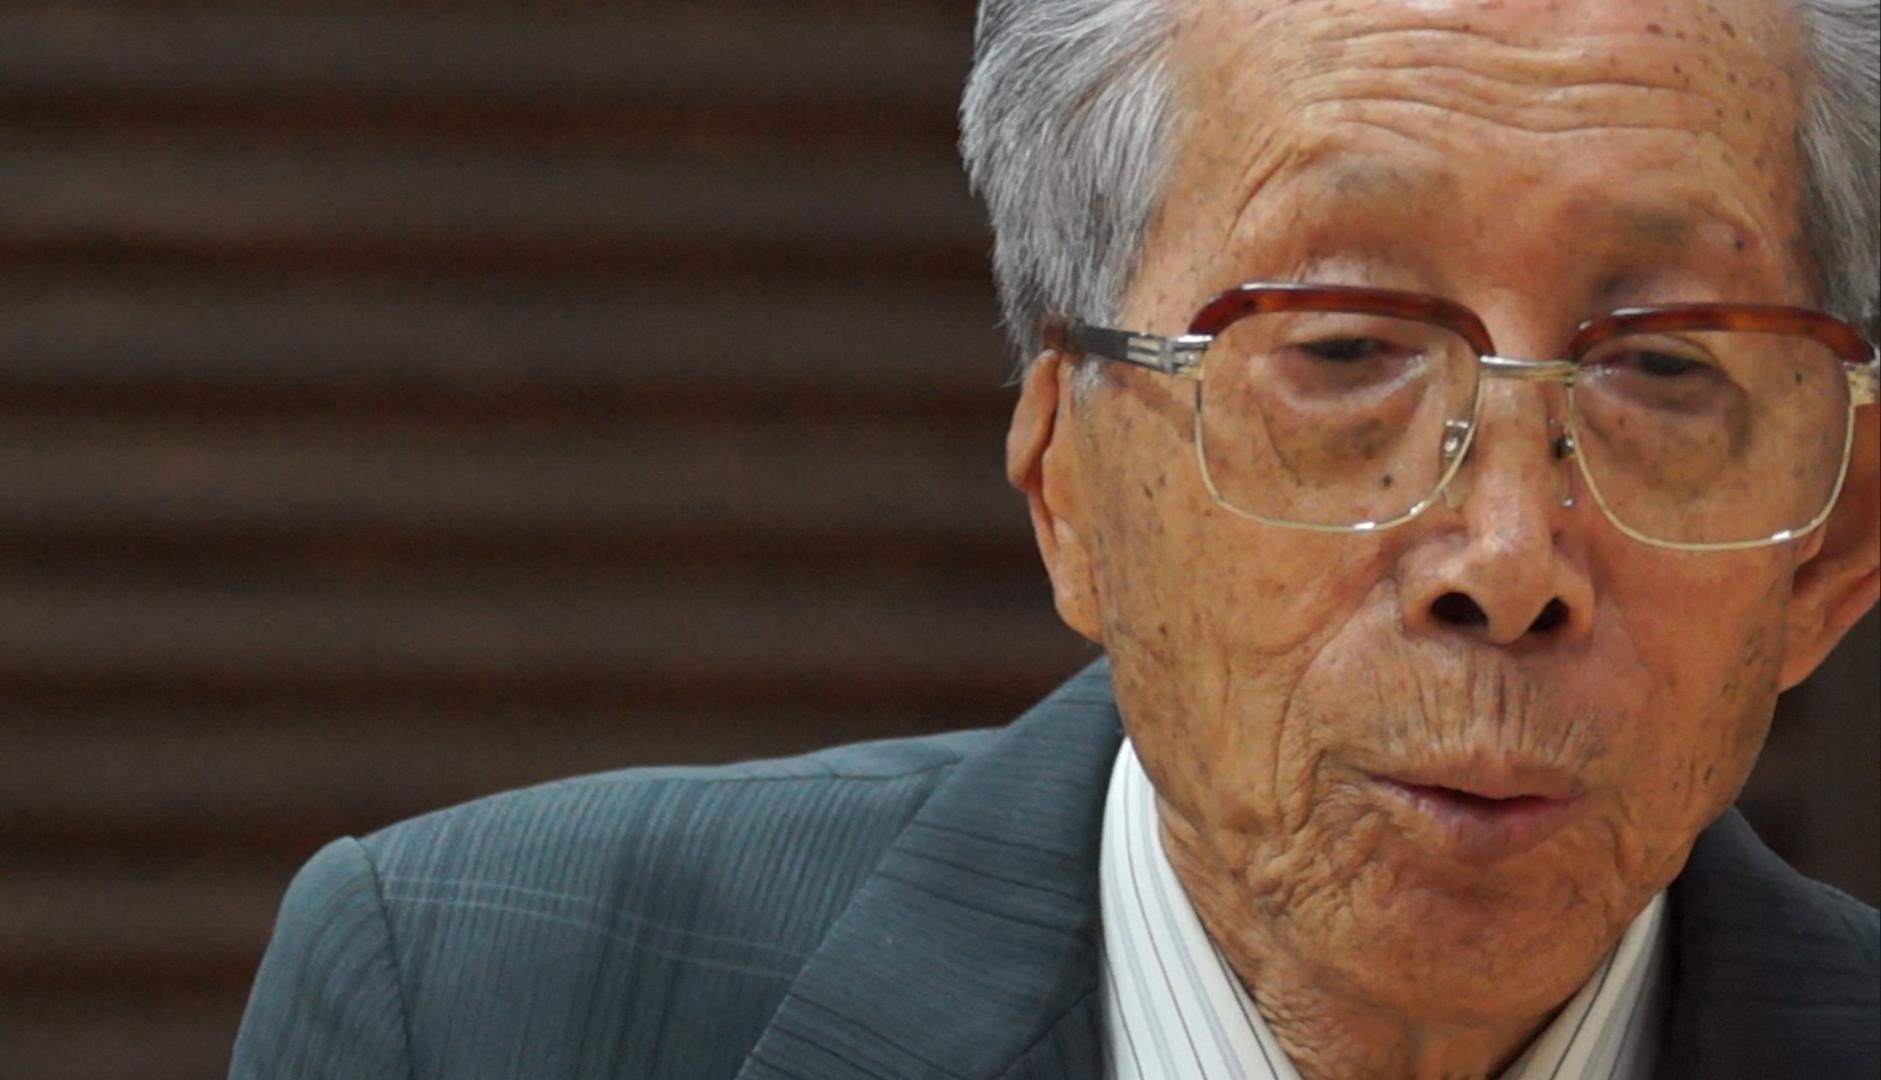 Shinji Mikamo at age 87